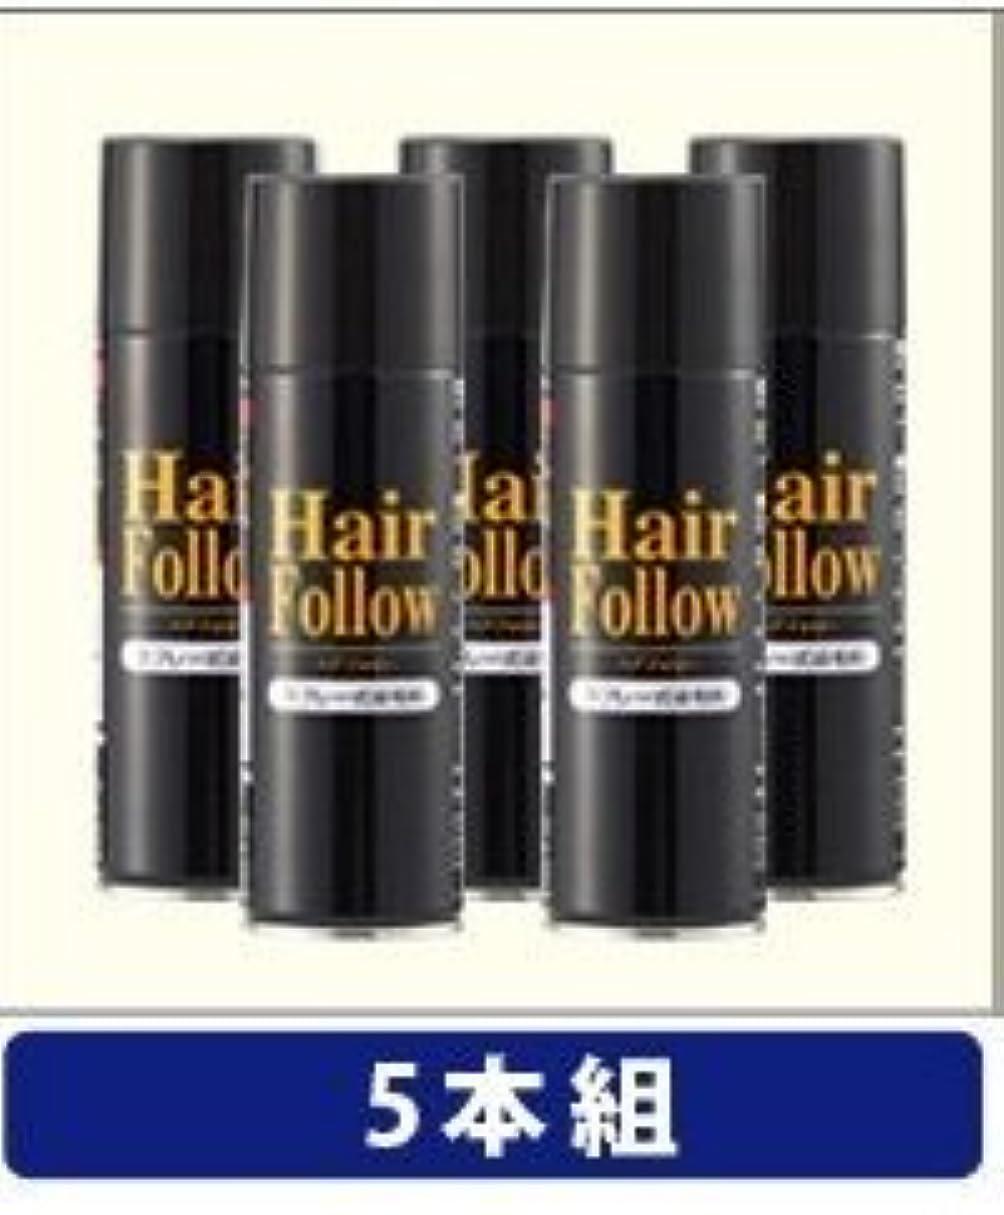 チート日常的に対処するNEW ヘアフォロー スプレー ブラック スプレー式染毛料 自然に薄毛をボリュームアップ!薄毛隠し かつら (5本)